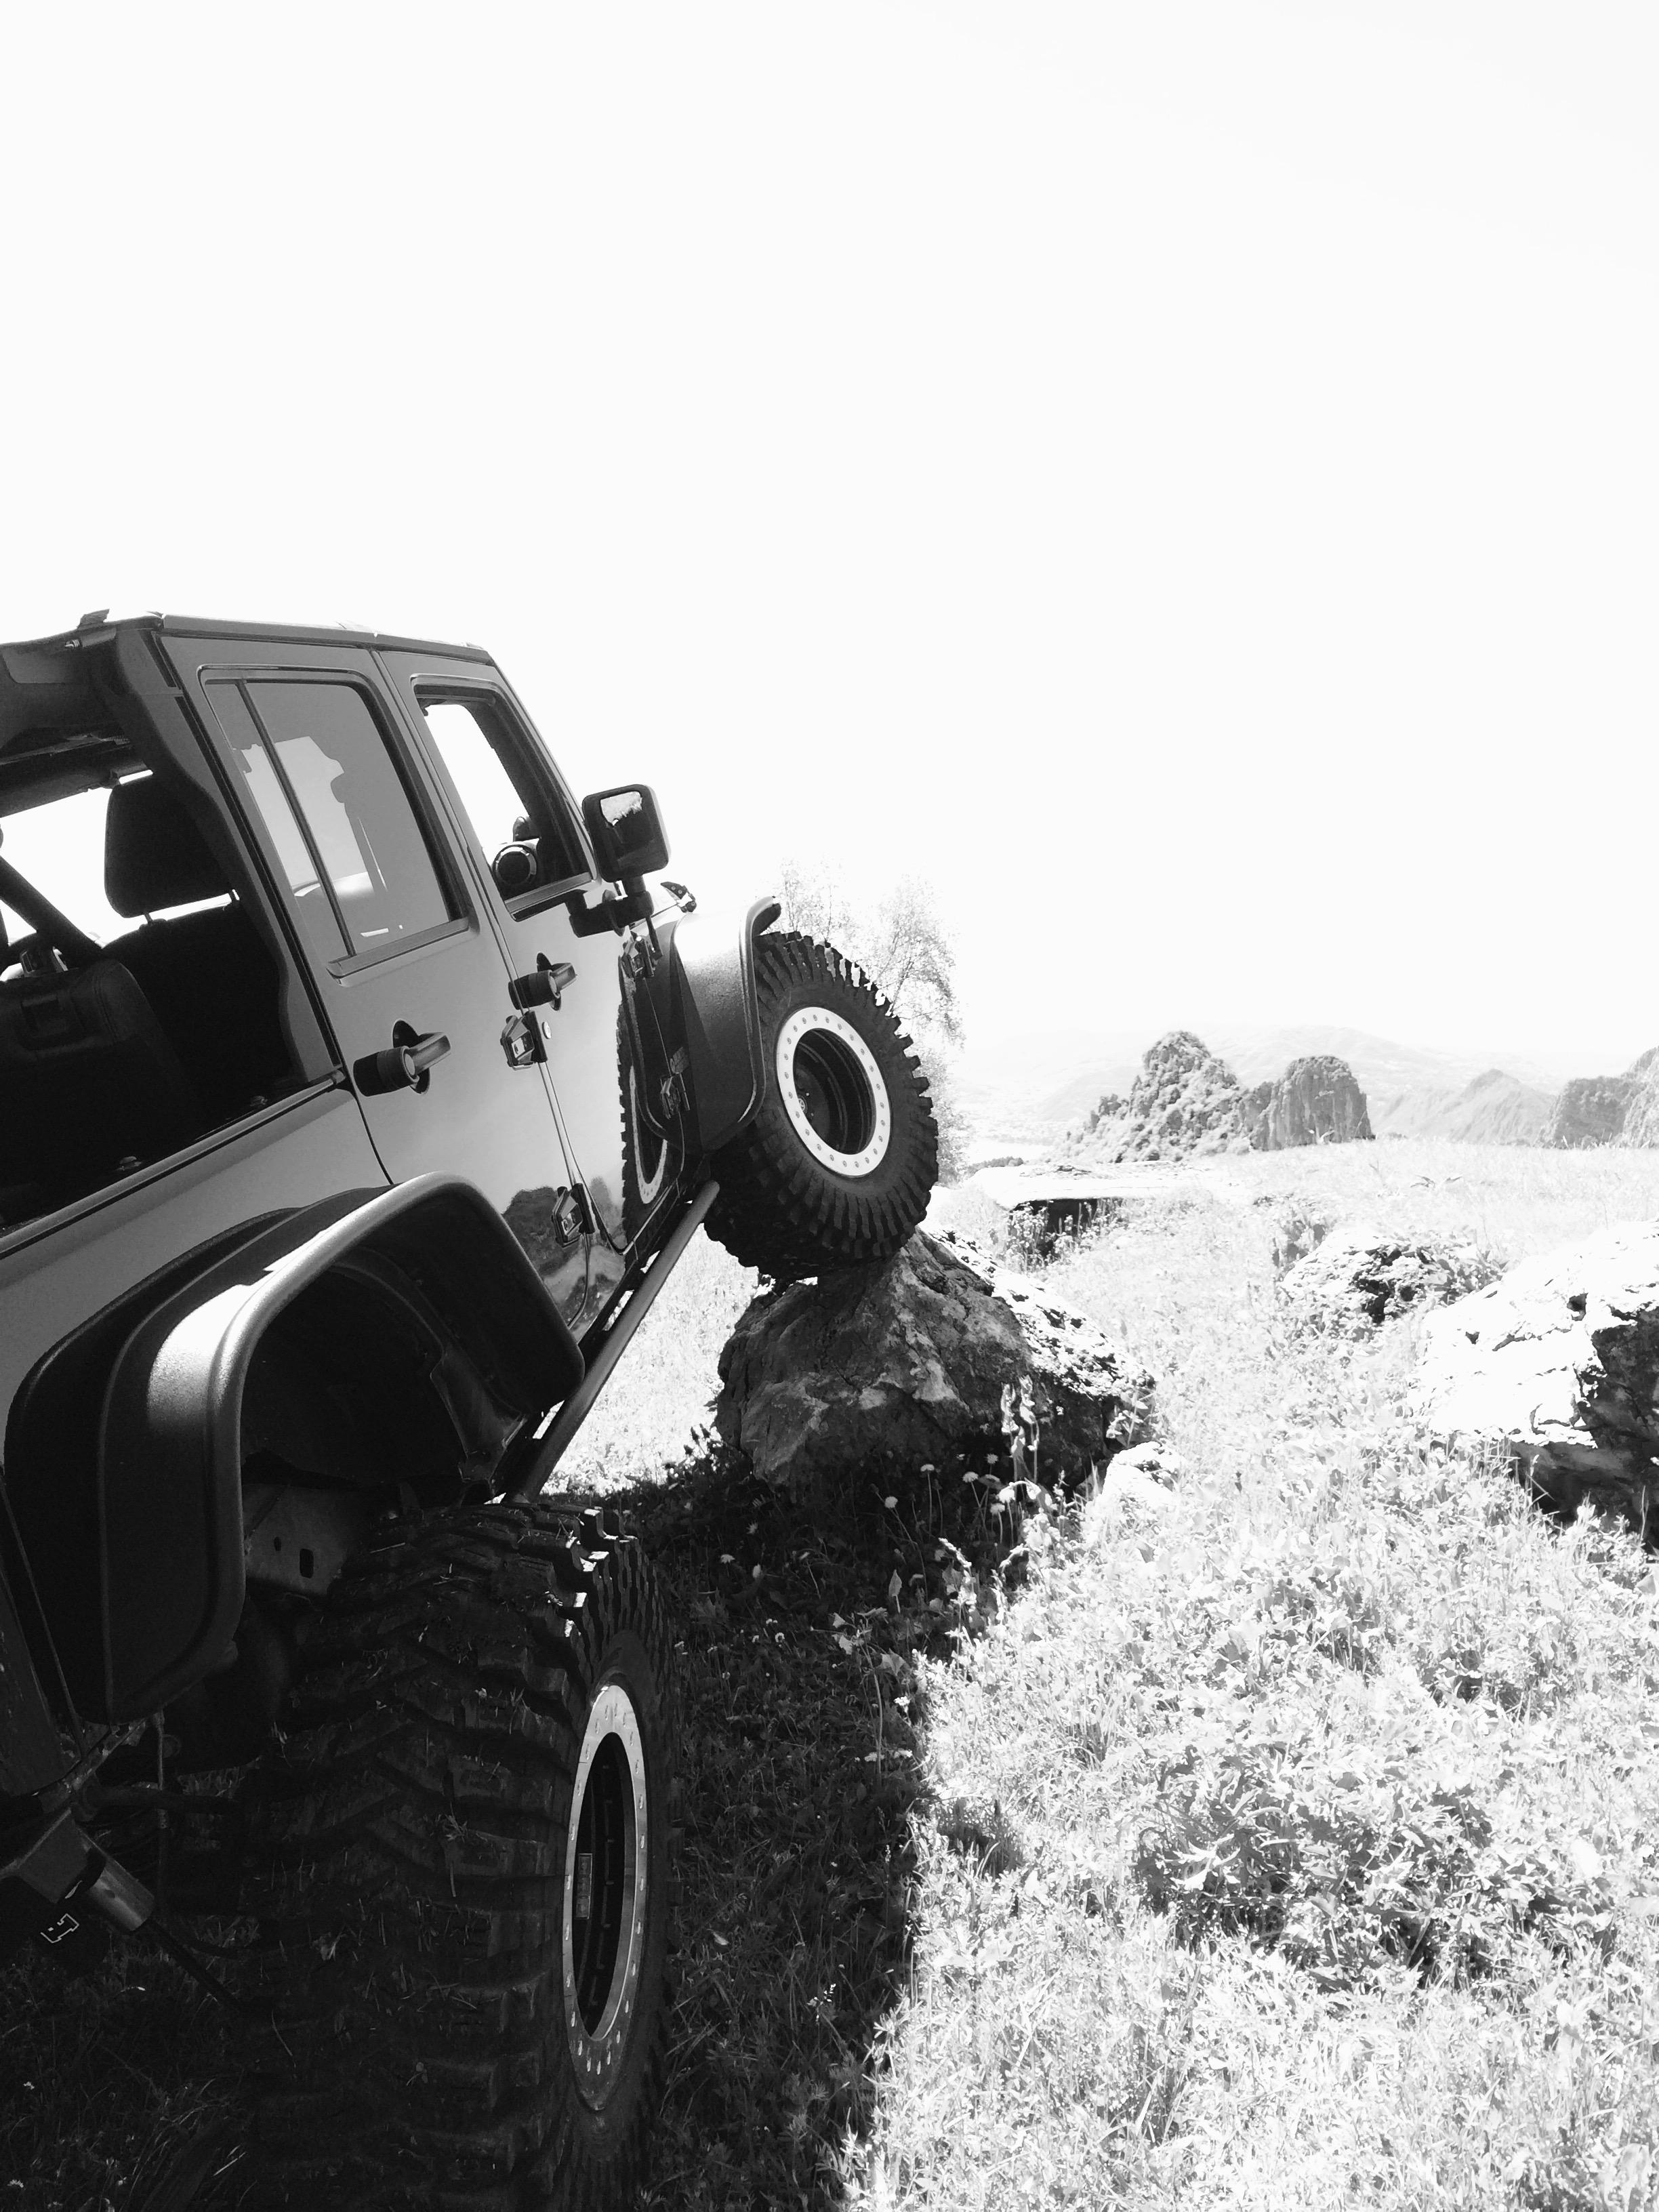 preparazione jeep officina fuoristrada lecco como brianza